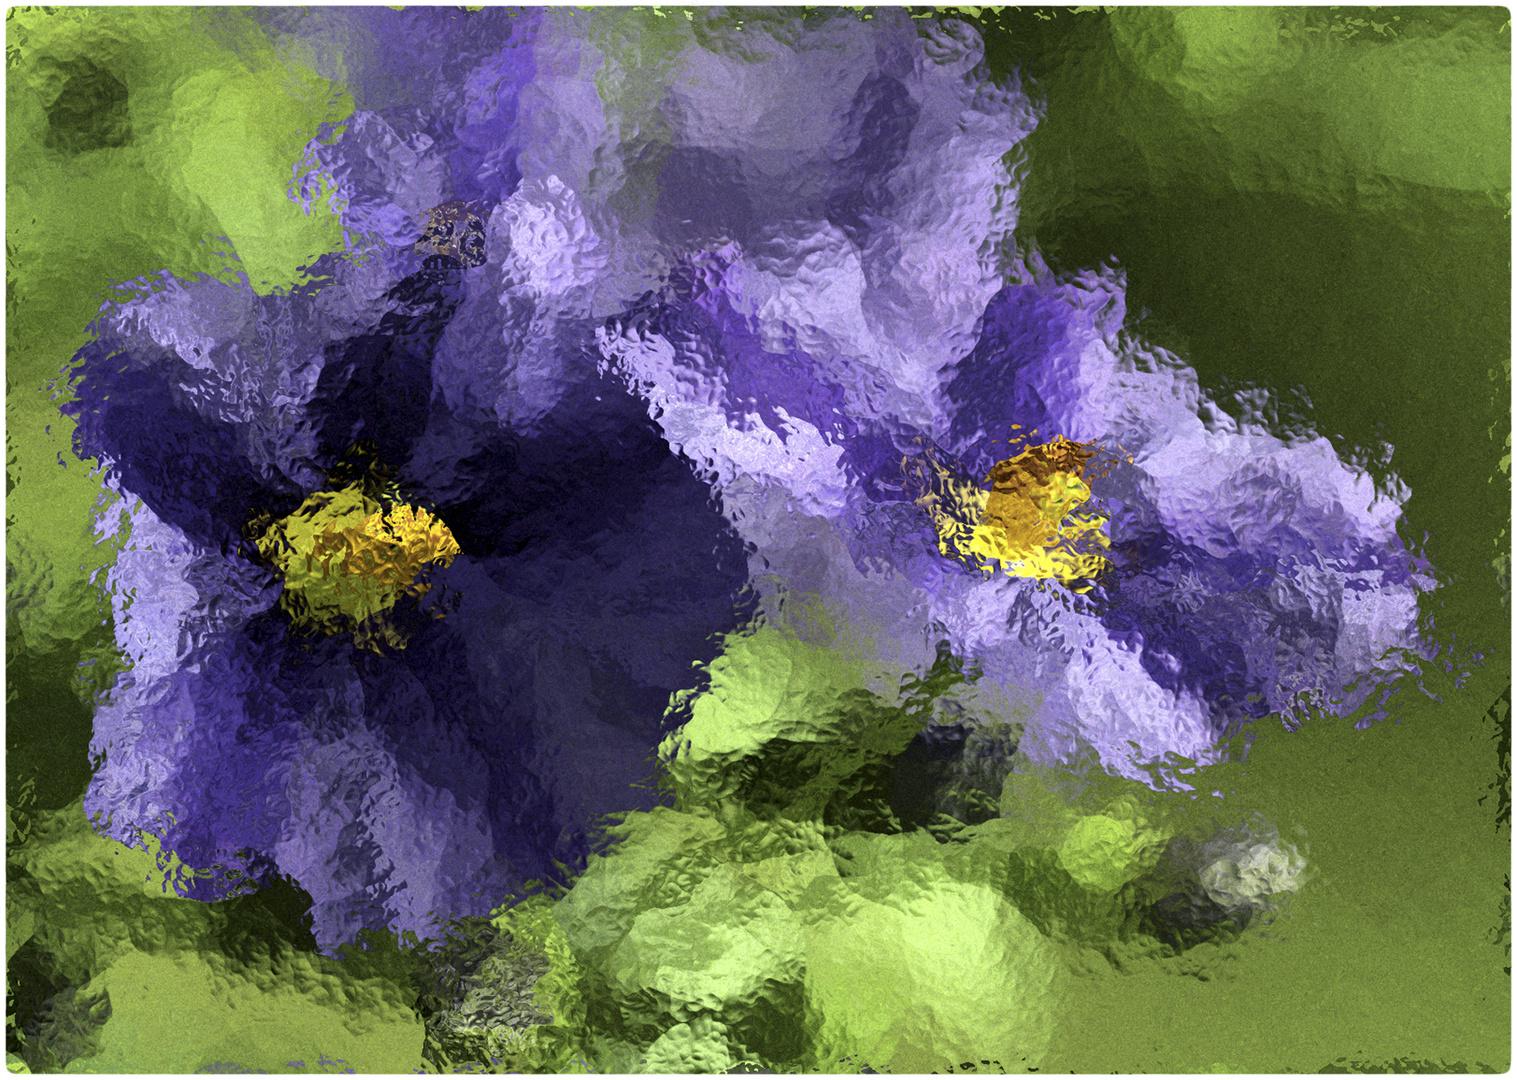 fleurs sous verre photo et image divers nature digiart. Black Bedroom Furniture Sets. Home Design Ideas